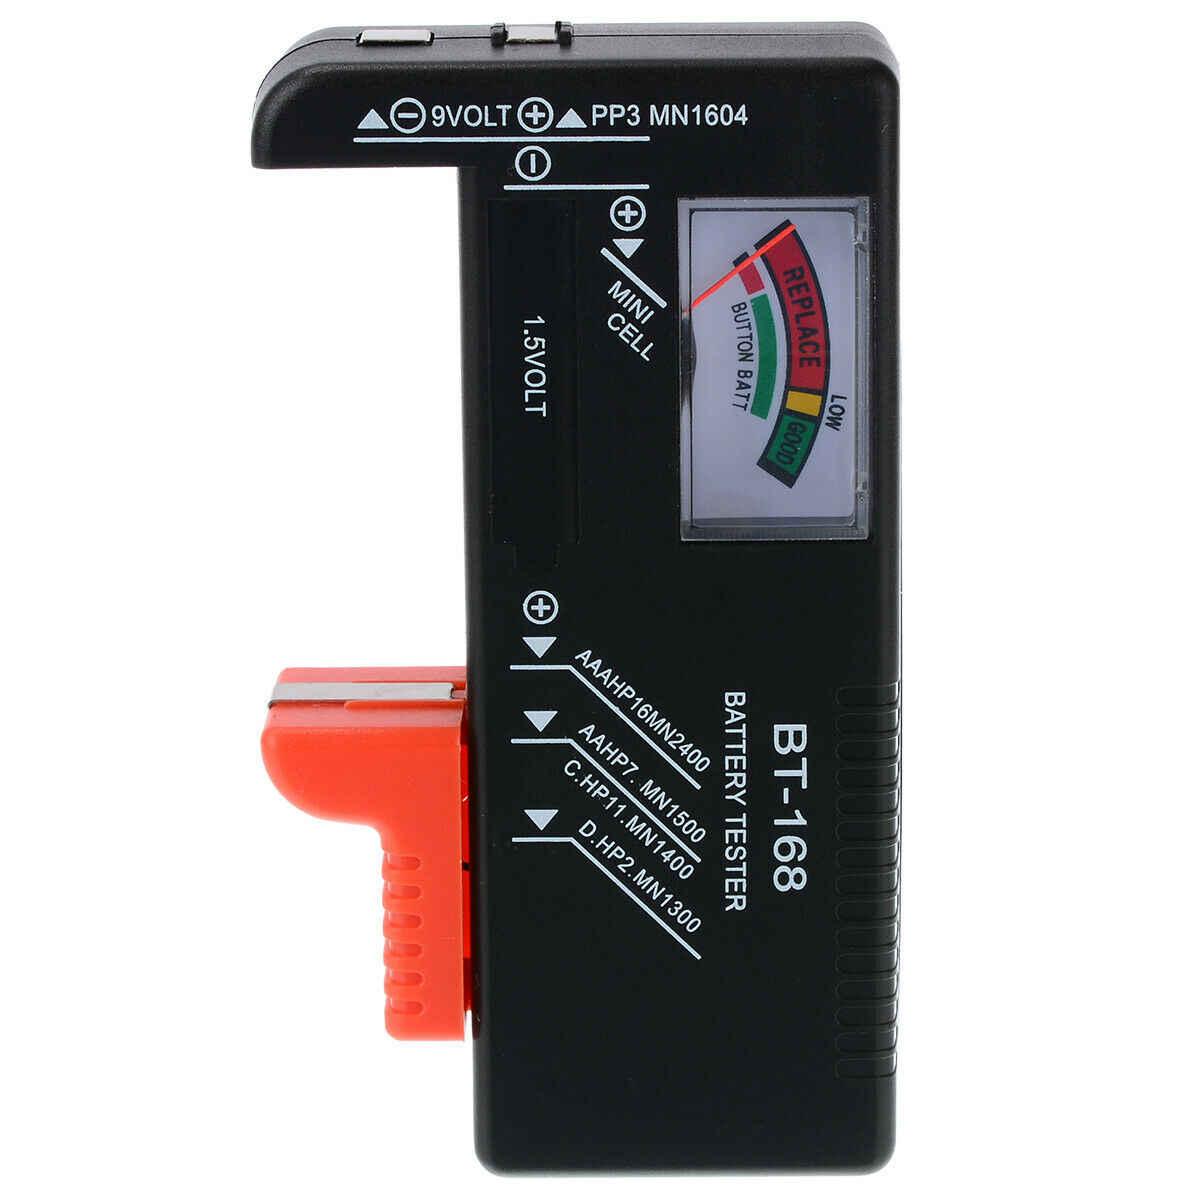 دائم العالمي الرقمية LCD AA/AAA/C/D/9 V/1.5 V زر خلية البطارية فولت اختبار قدرة مدقق رصد BT-168 اكسسوارات